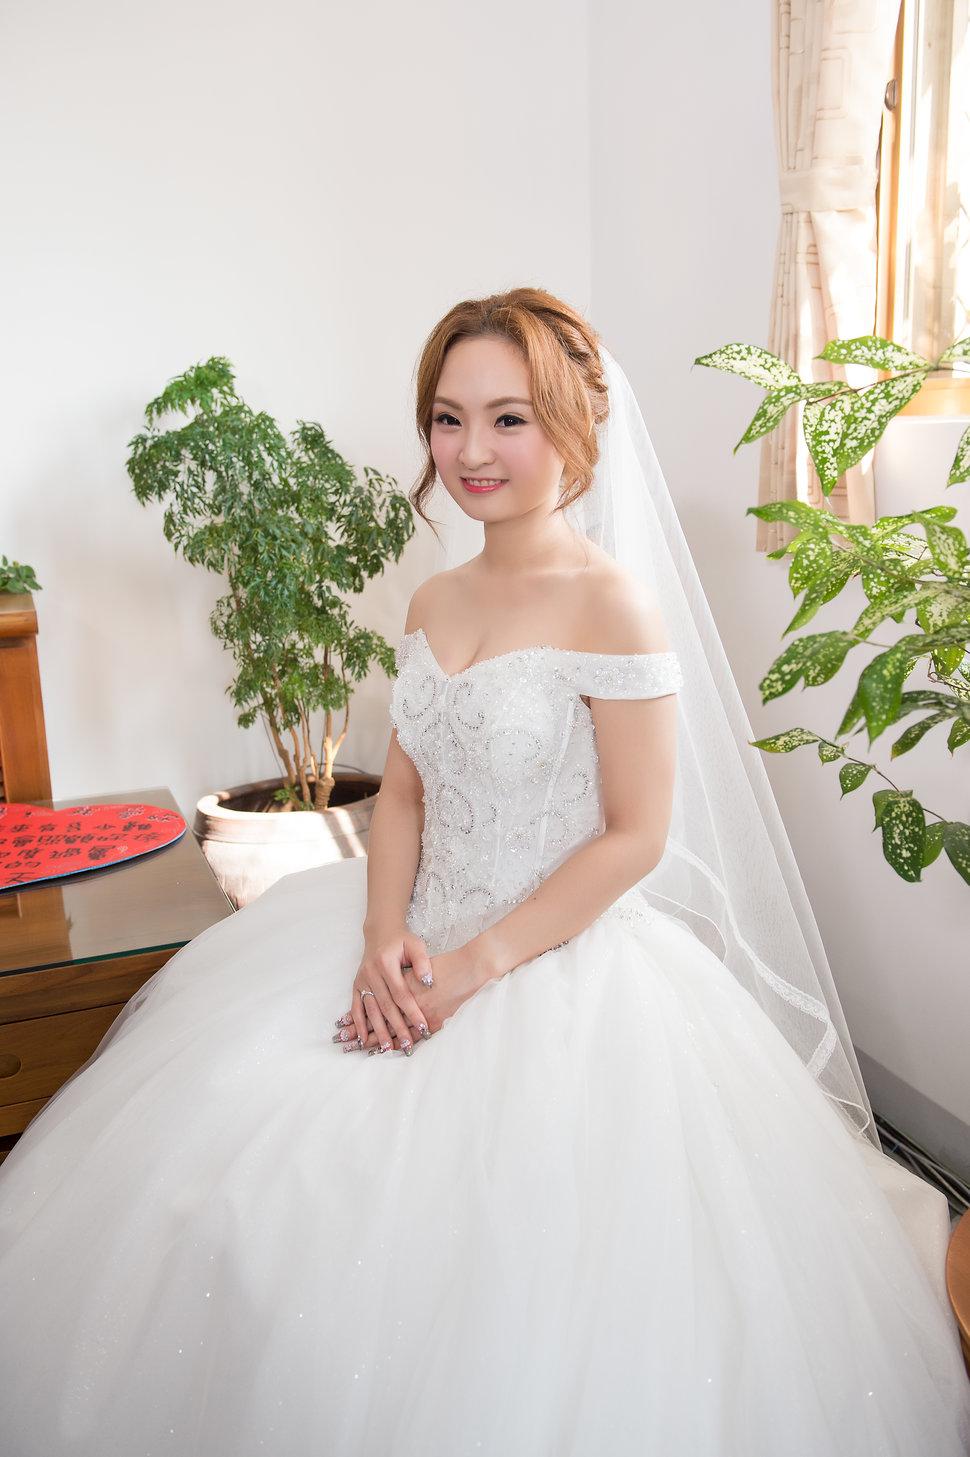 [台北婚攝] 訂婚迎娶儀式@雙岩龍鳳城(編號:432308) - Allen影像團隊 Love Story - 結婚吧